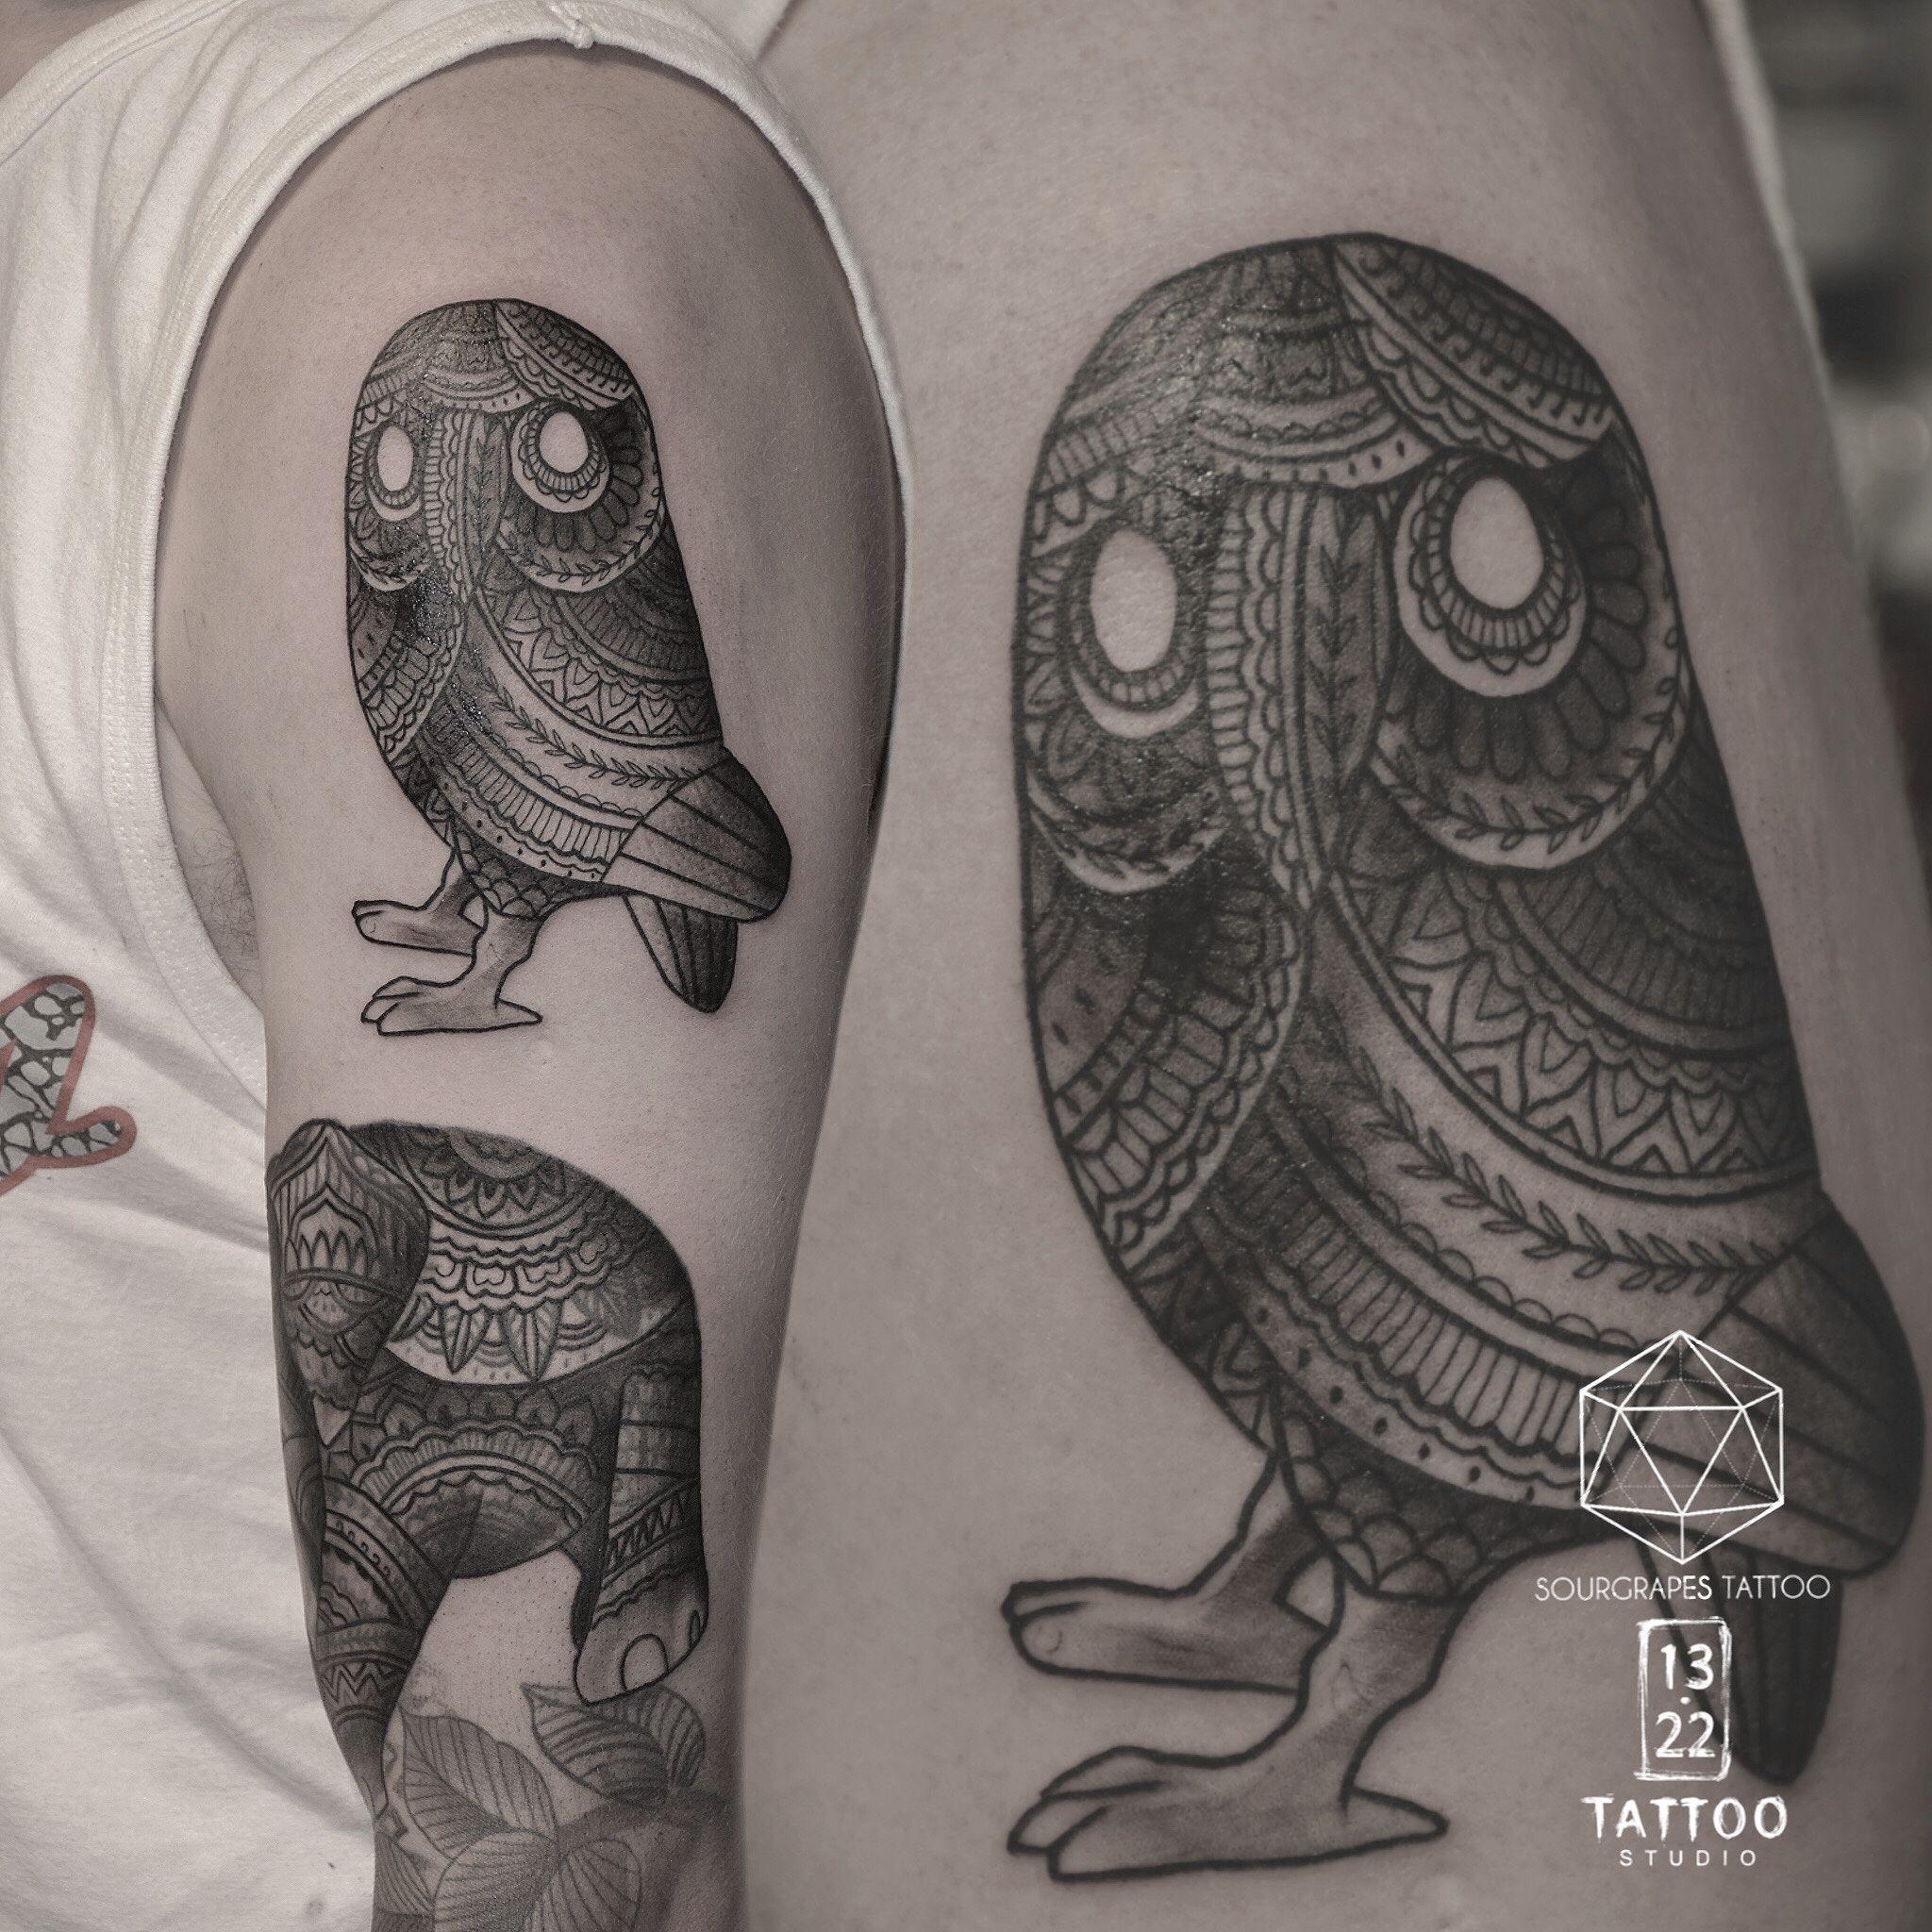 13 22 Tattoo Studio London Custom Tattoo Artist Mr J Best Sourgrapestattoo Www 1322tattoo Uk Info 1322tattoo Uk Specia Tattoos Tattoo Studio Mehndi Tattoo